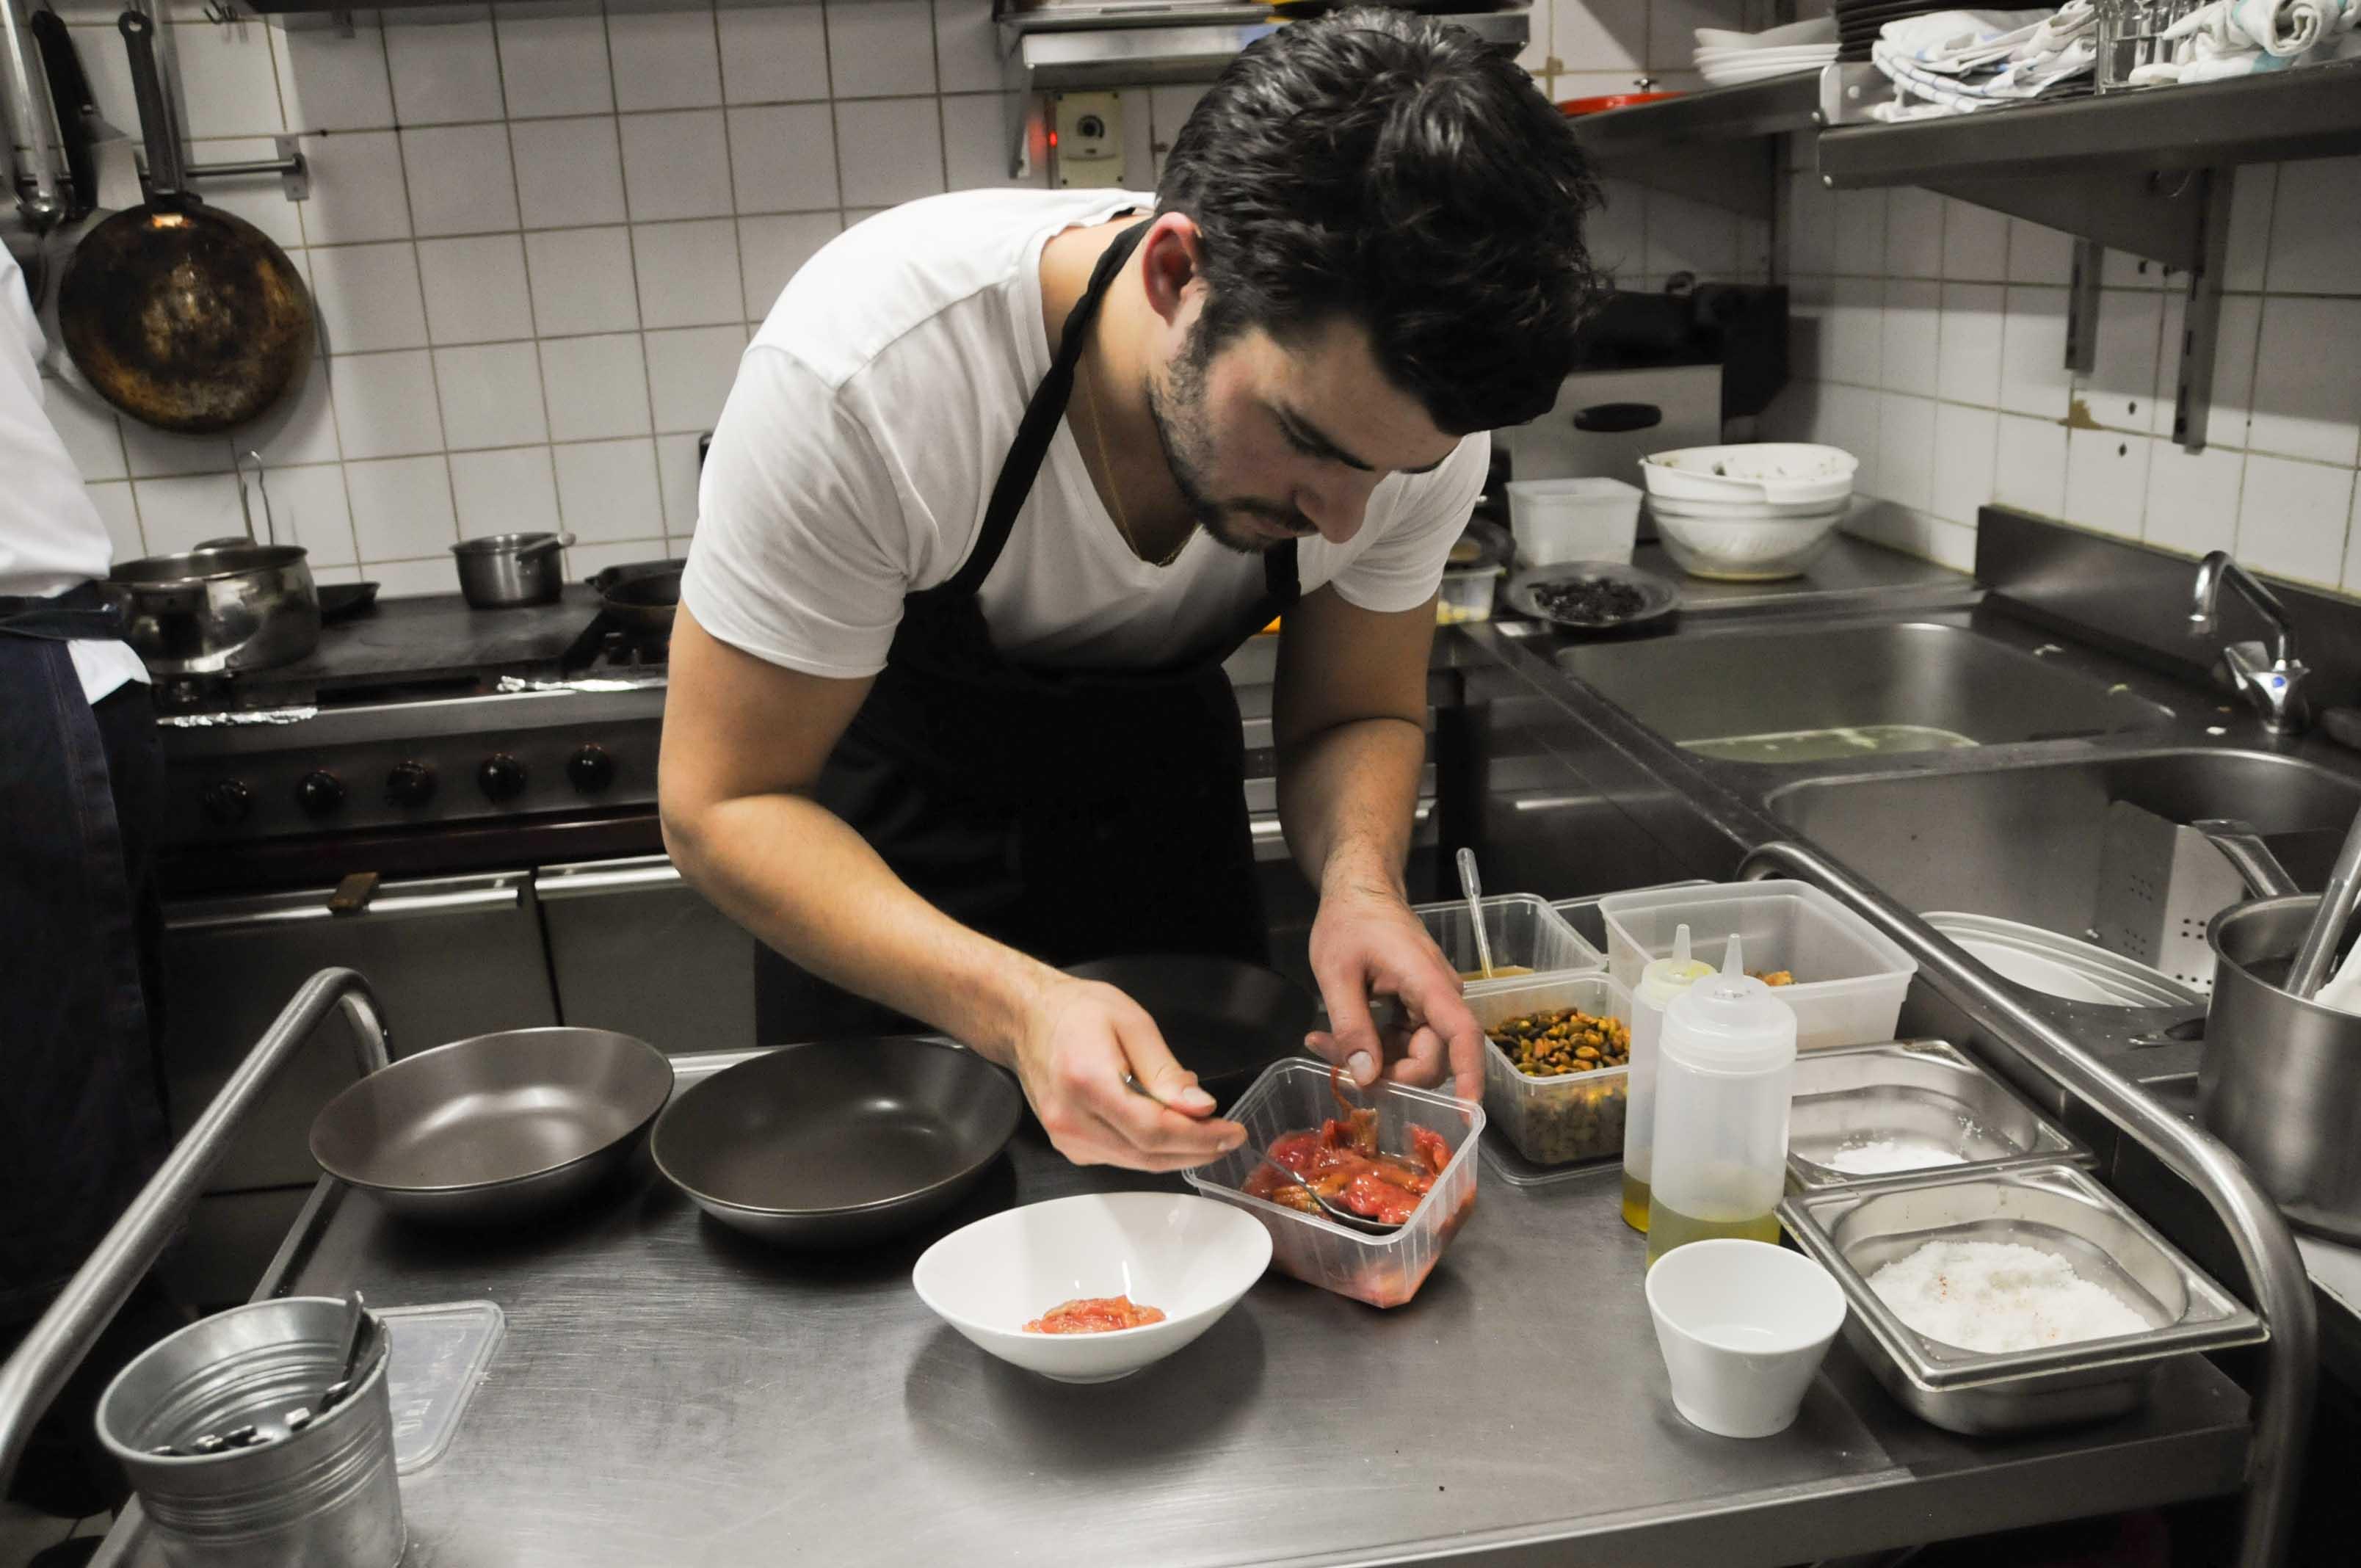 Rapport Qualite Prix Cuisine